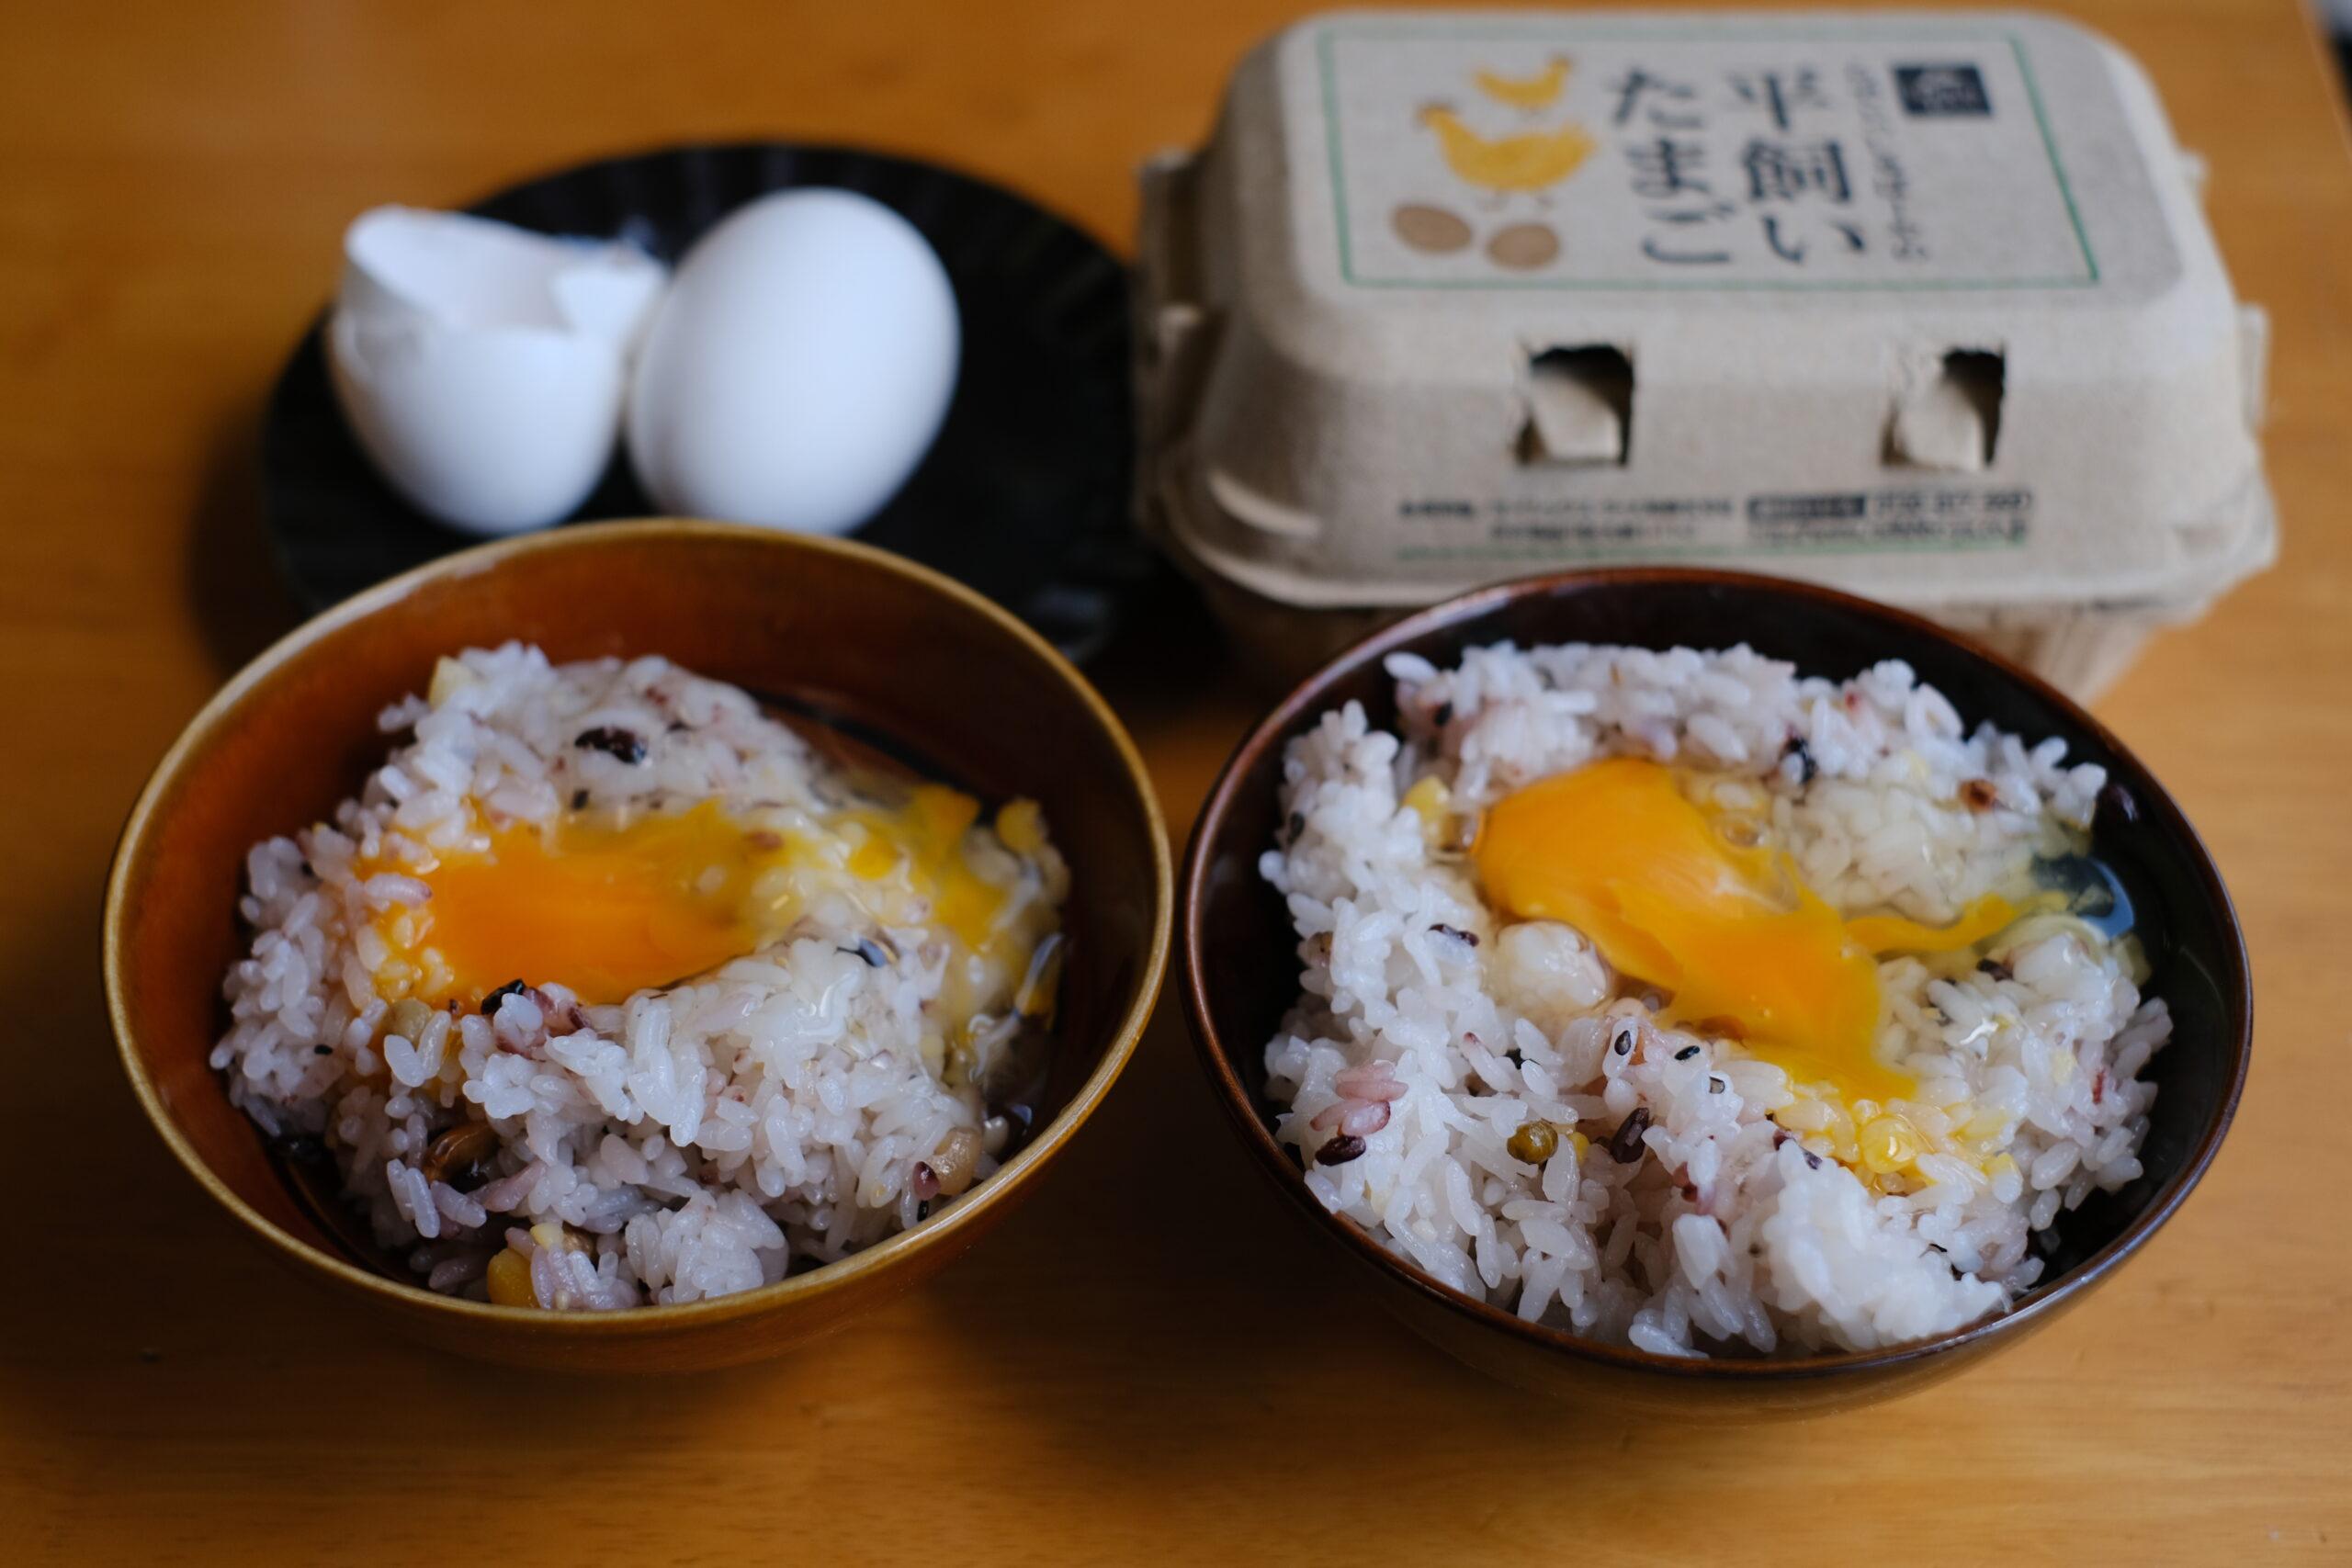 普通の卵とらでぃっしゅぼーやの卵を卵かけご飯で食べ比べ